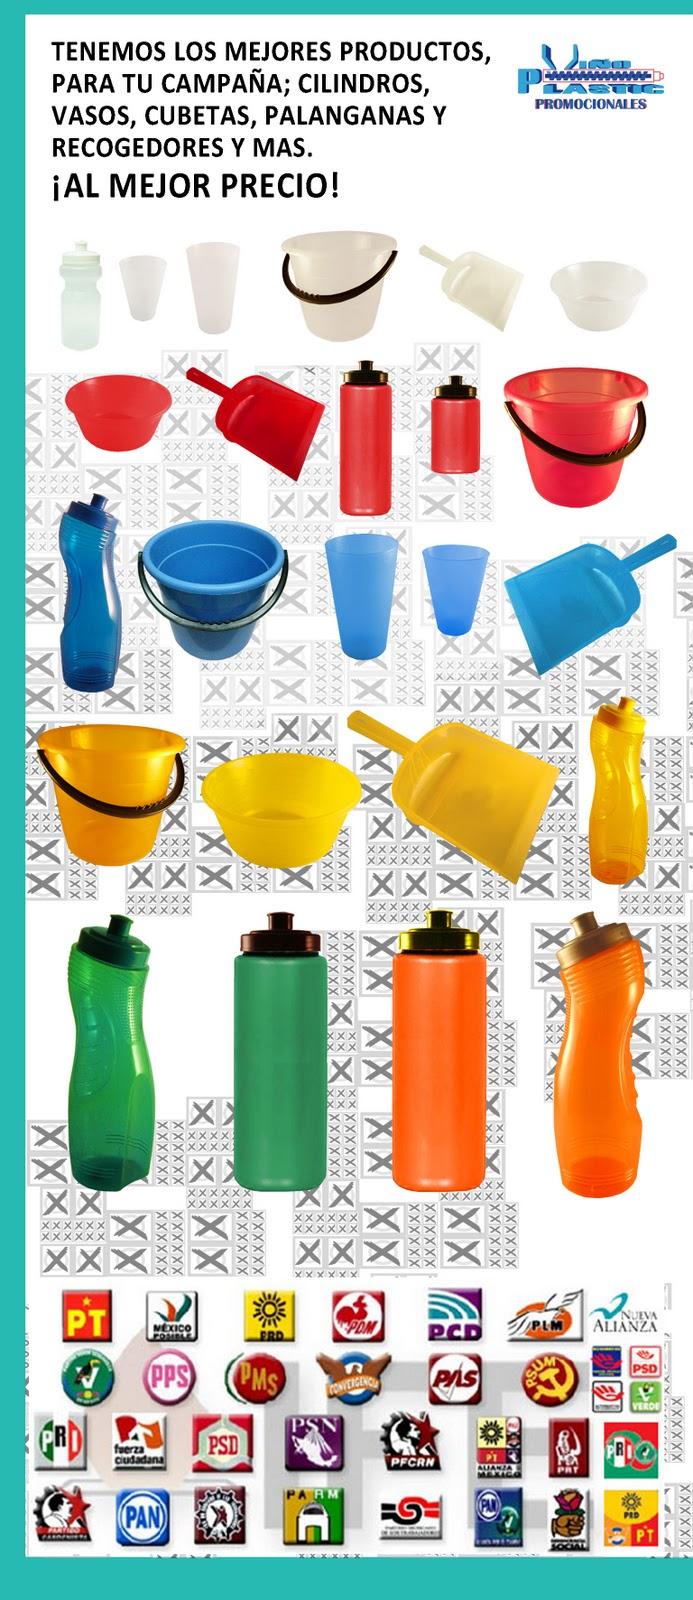 7c5f268e1e99 Publicidad y Artículos de Plástico  Promocionales para campañas ...